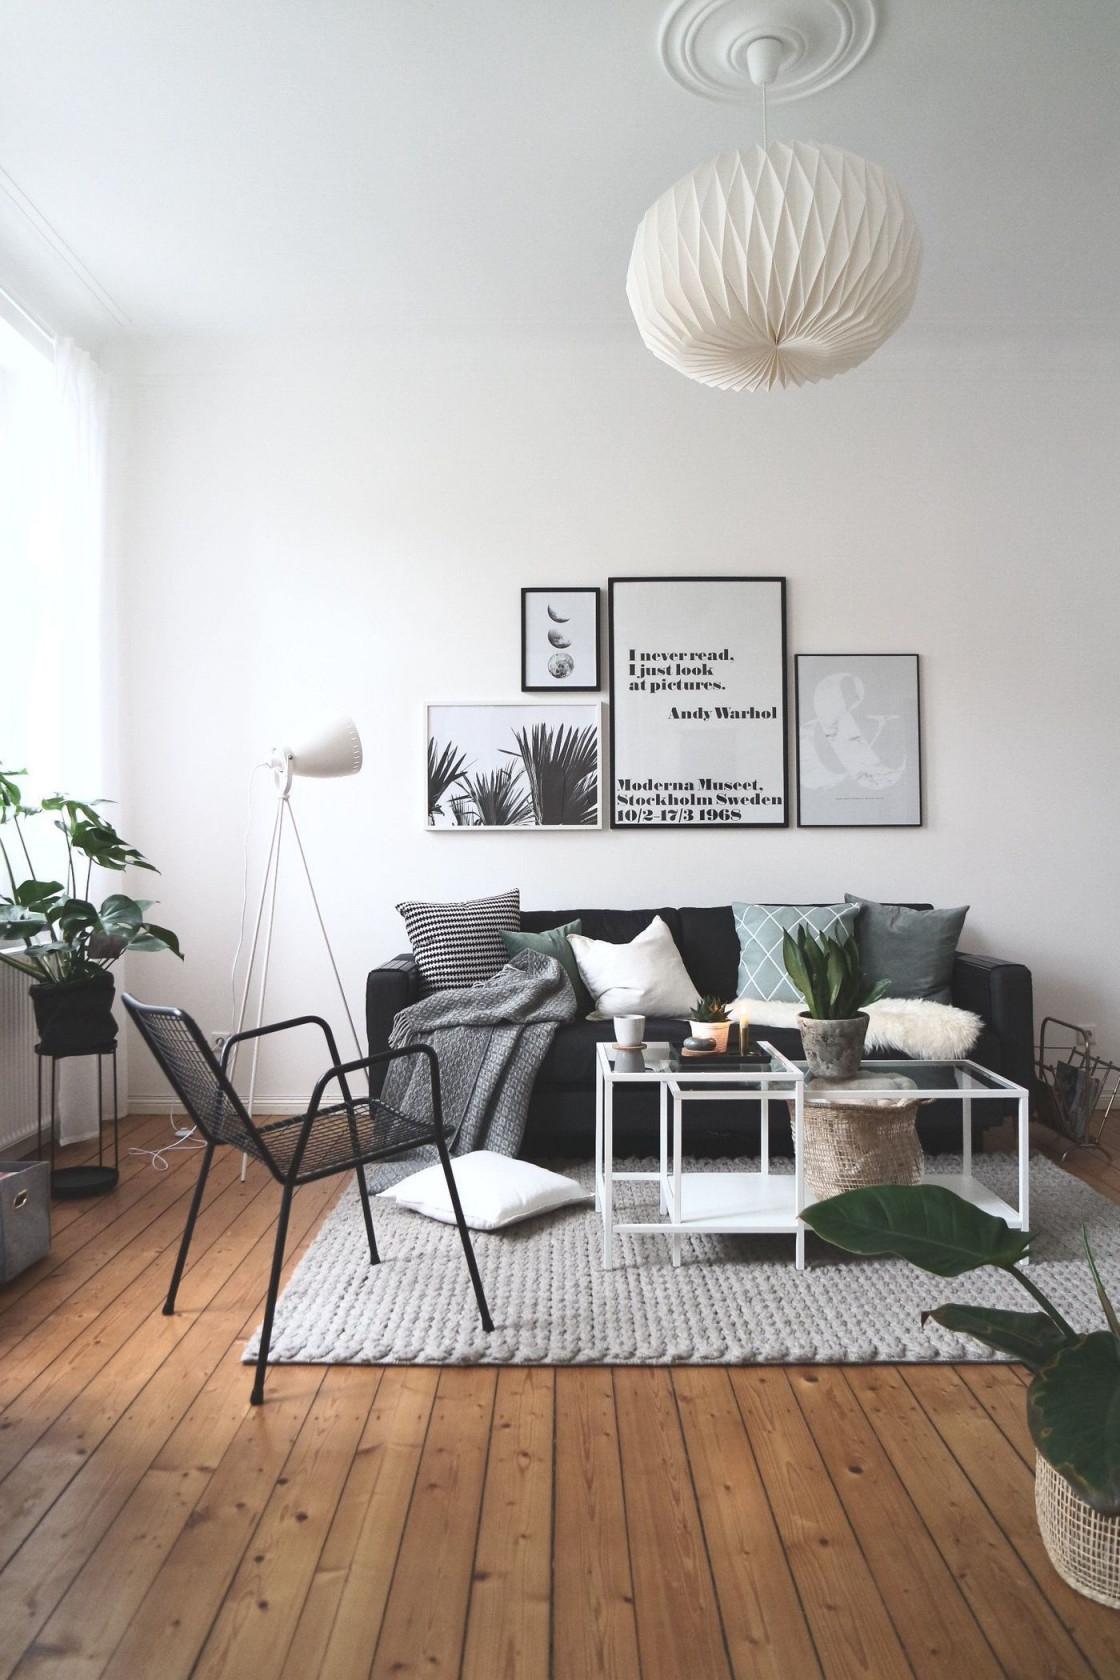 Schwarz Weiß Dekorieren Und Einrichten von Wohnzimmer Schwarz Weiß Einrichten Bild